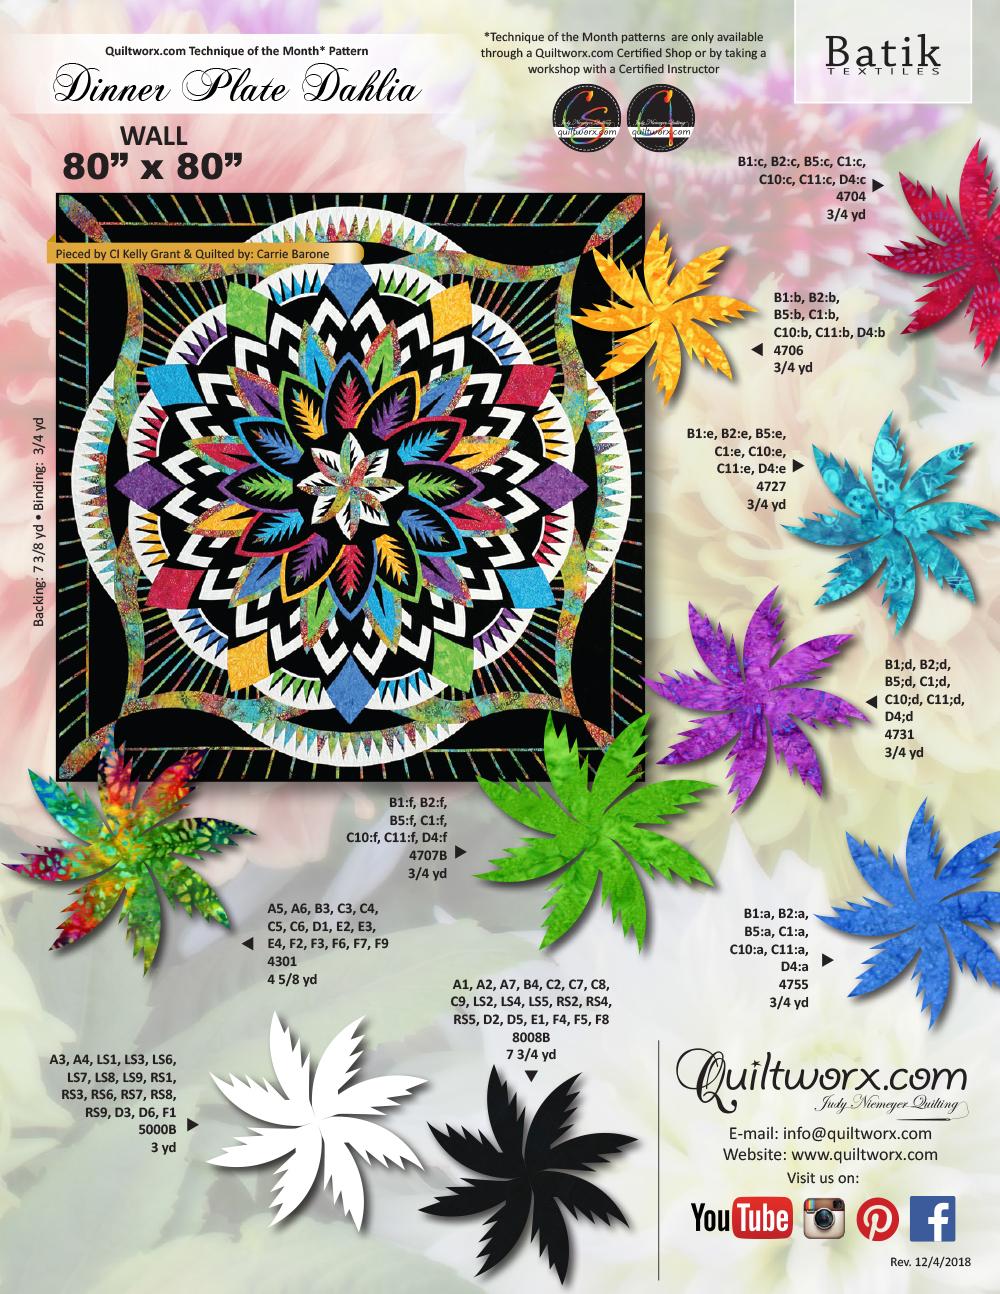 DPD-Wall-Batik-Textiles-KS-1Pg